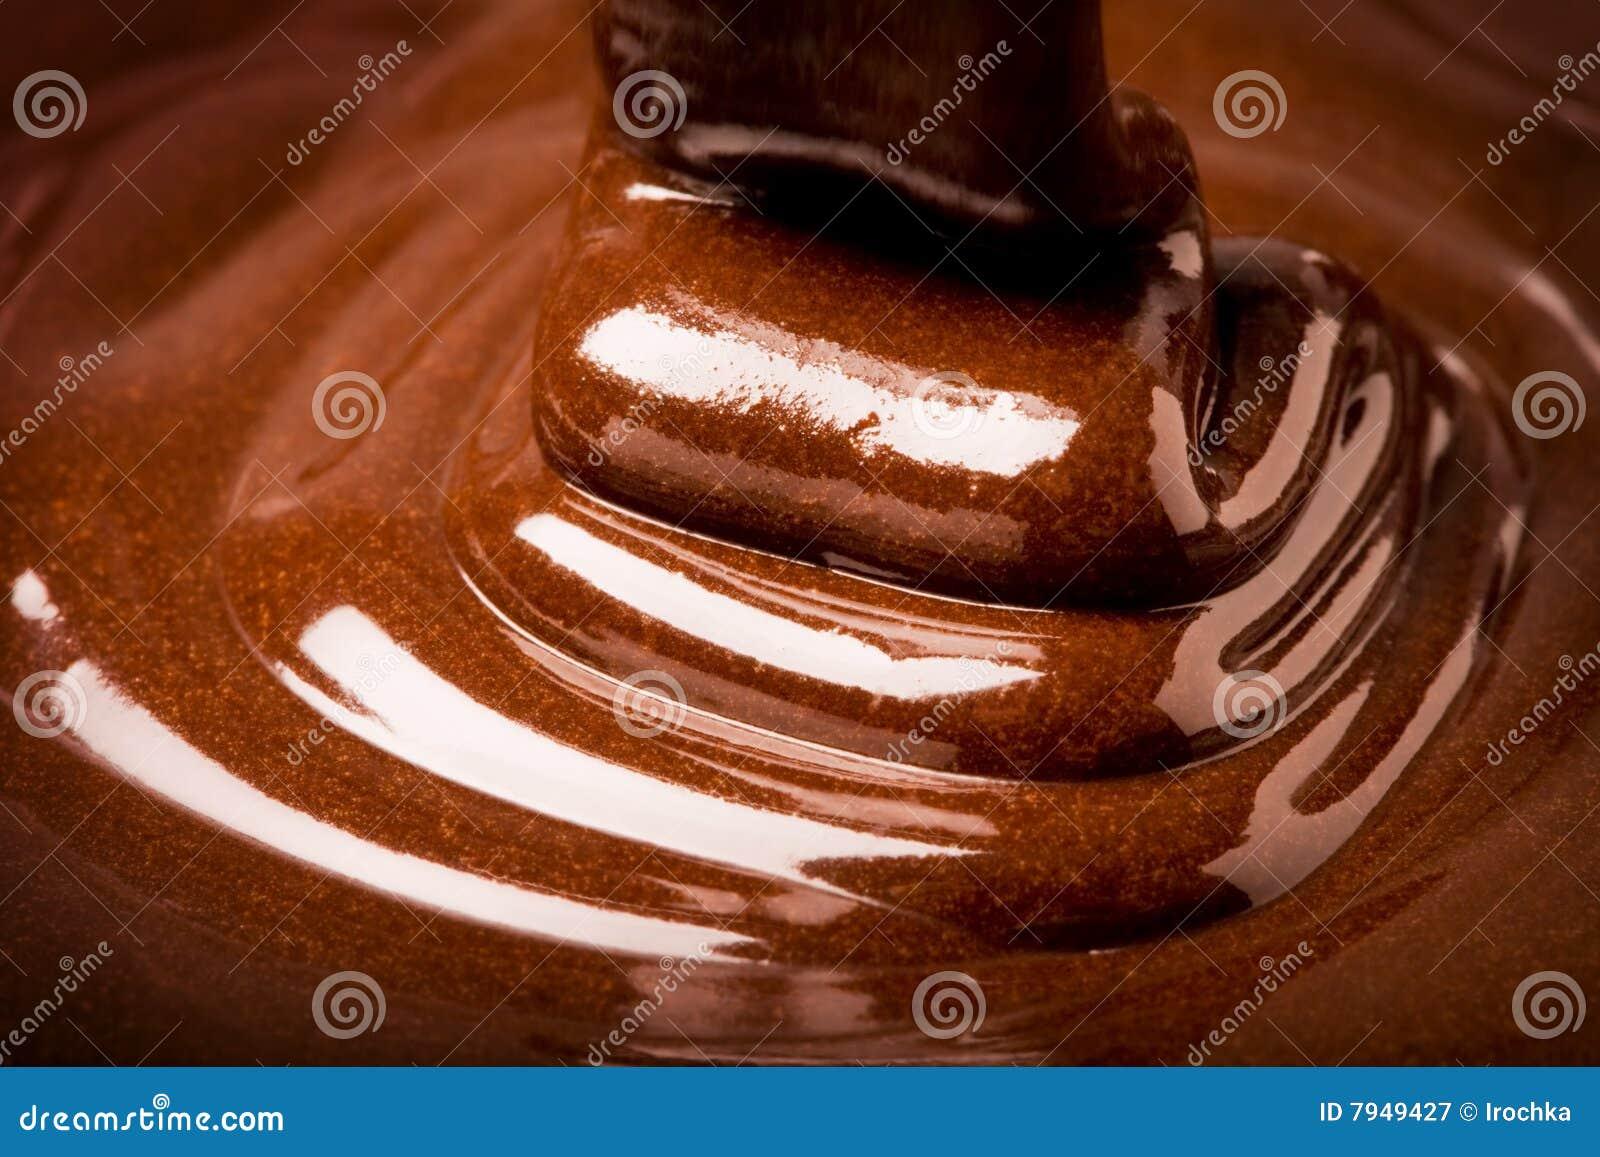 how to make chocolate more liquid